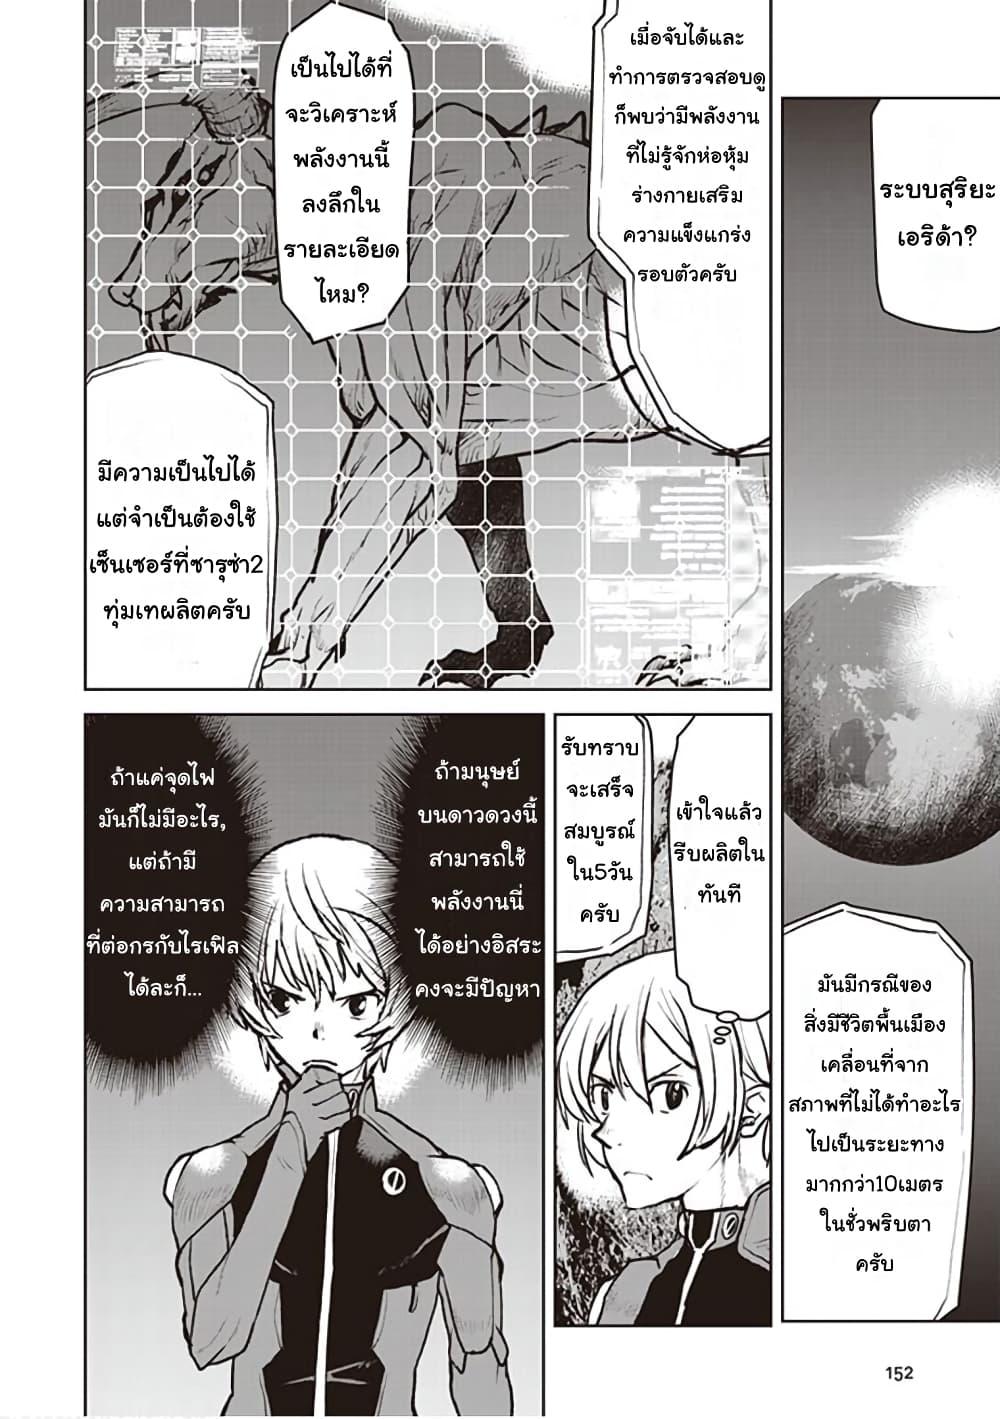 อ่านการ์ตูน The Galactic Navy Officer Becomes an Adventurer ตอนที่ 6 หน้าที่ 6